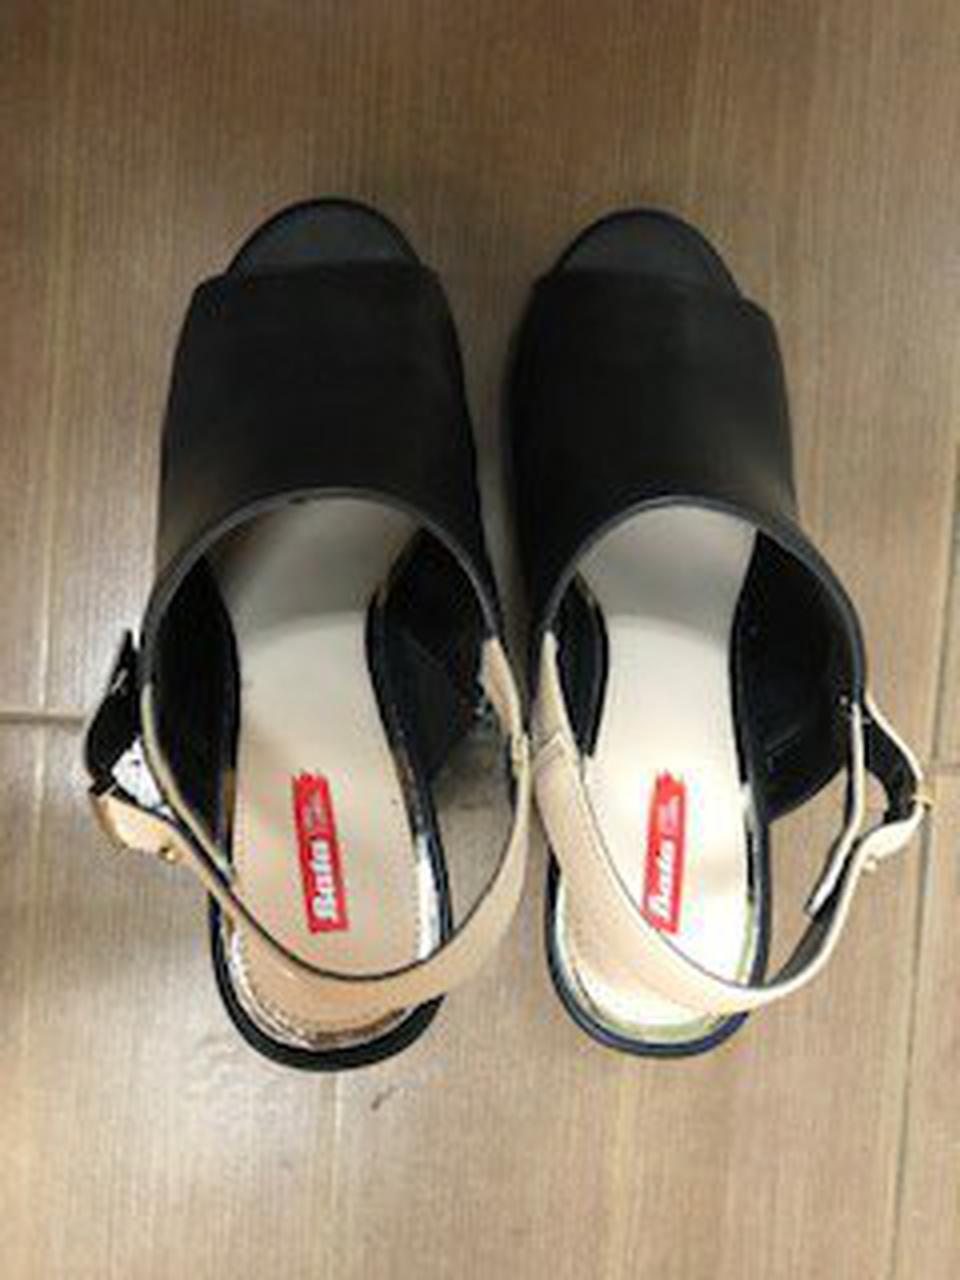 รองเท้าสีดำส้นตึก Bata Red Label เบอร์ 6.0 รูปที่ 2